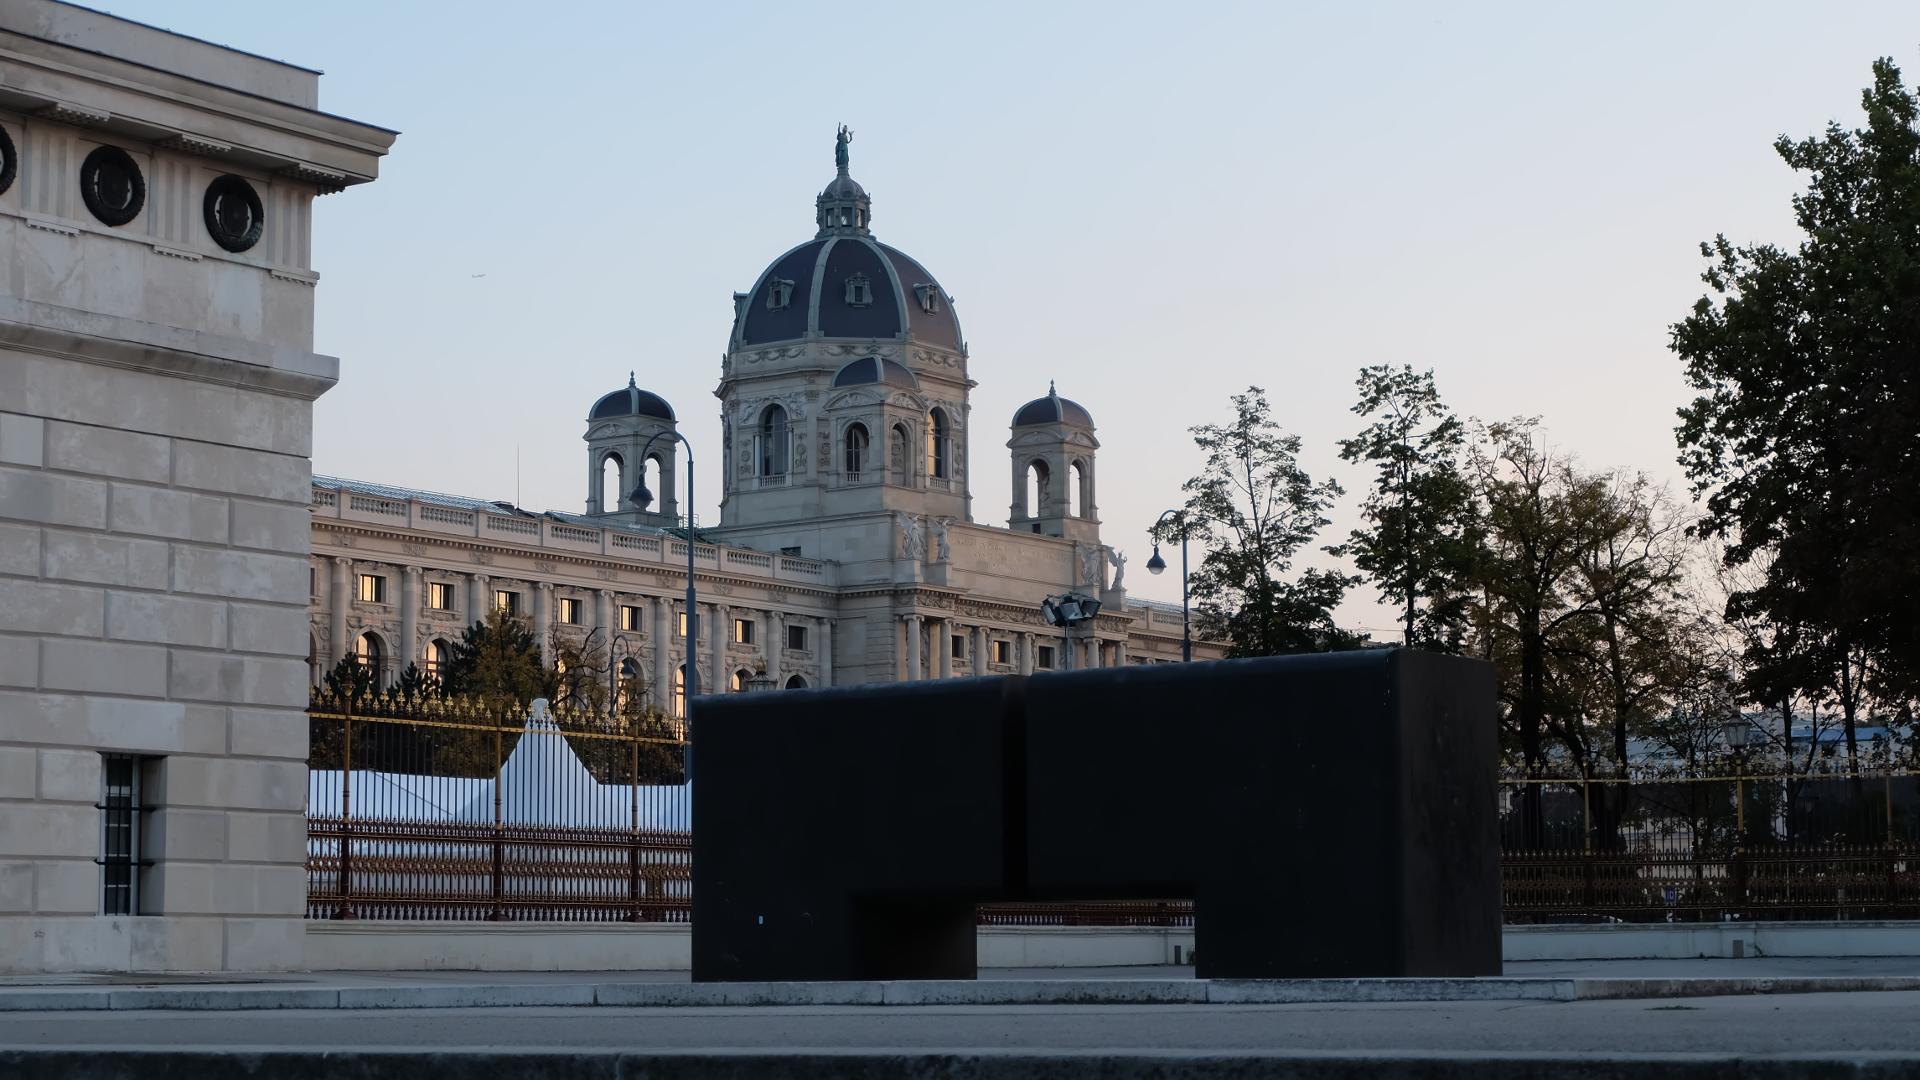 Kunsthistorisches-Museum-Wien-Burgtor-Blick